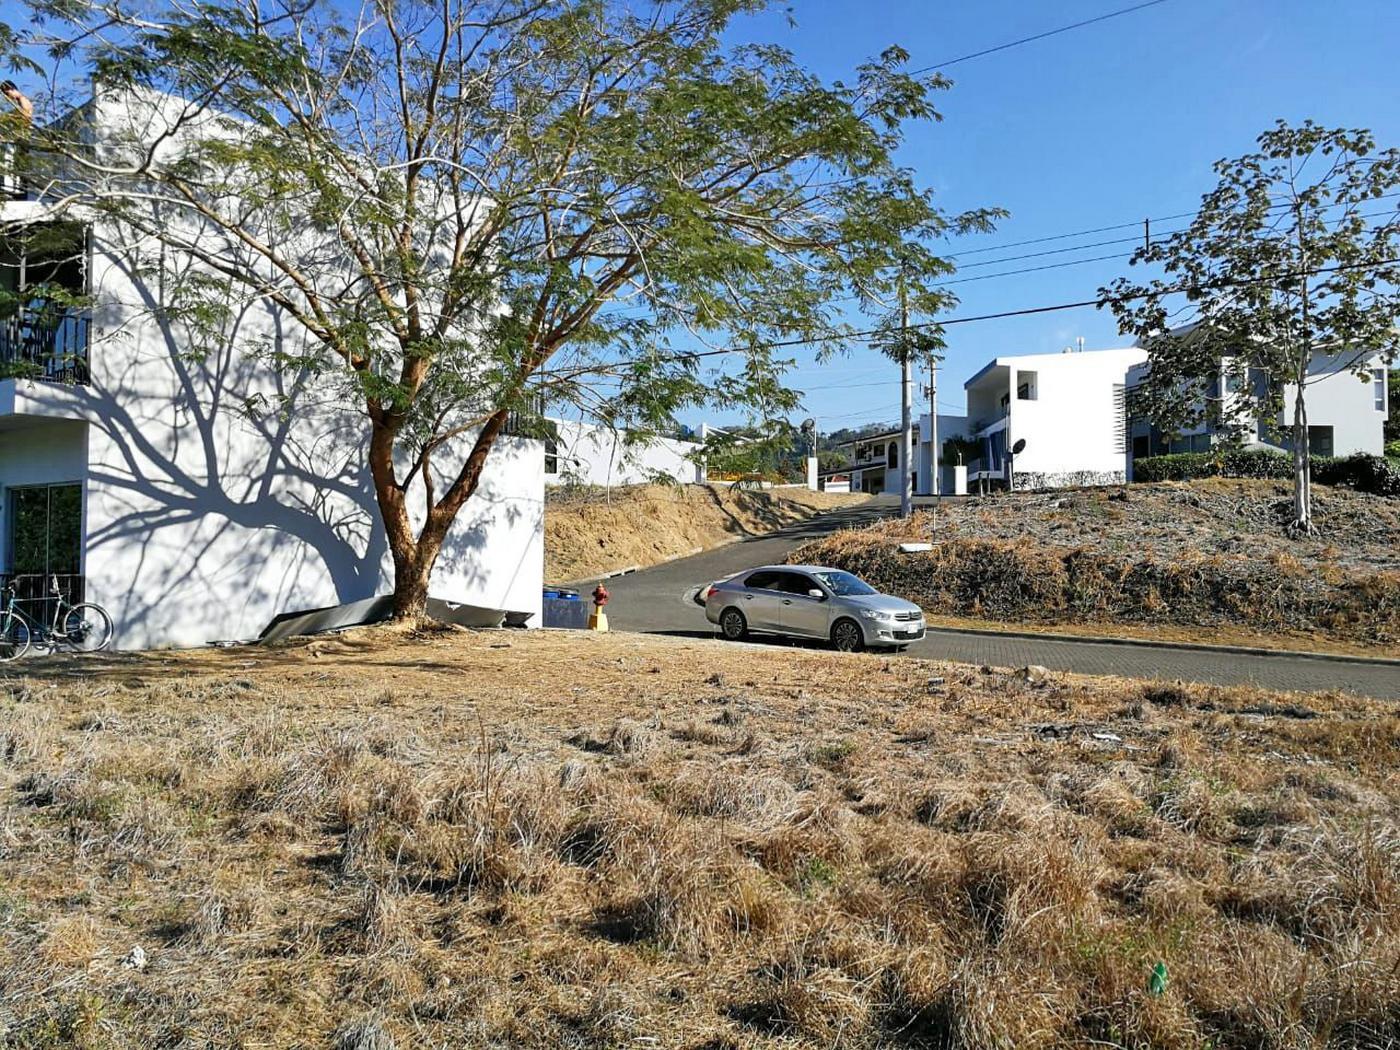 258-m2 Lot for Sale in Condominio Villa Leona, Punta Leona